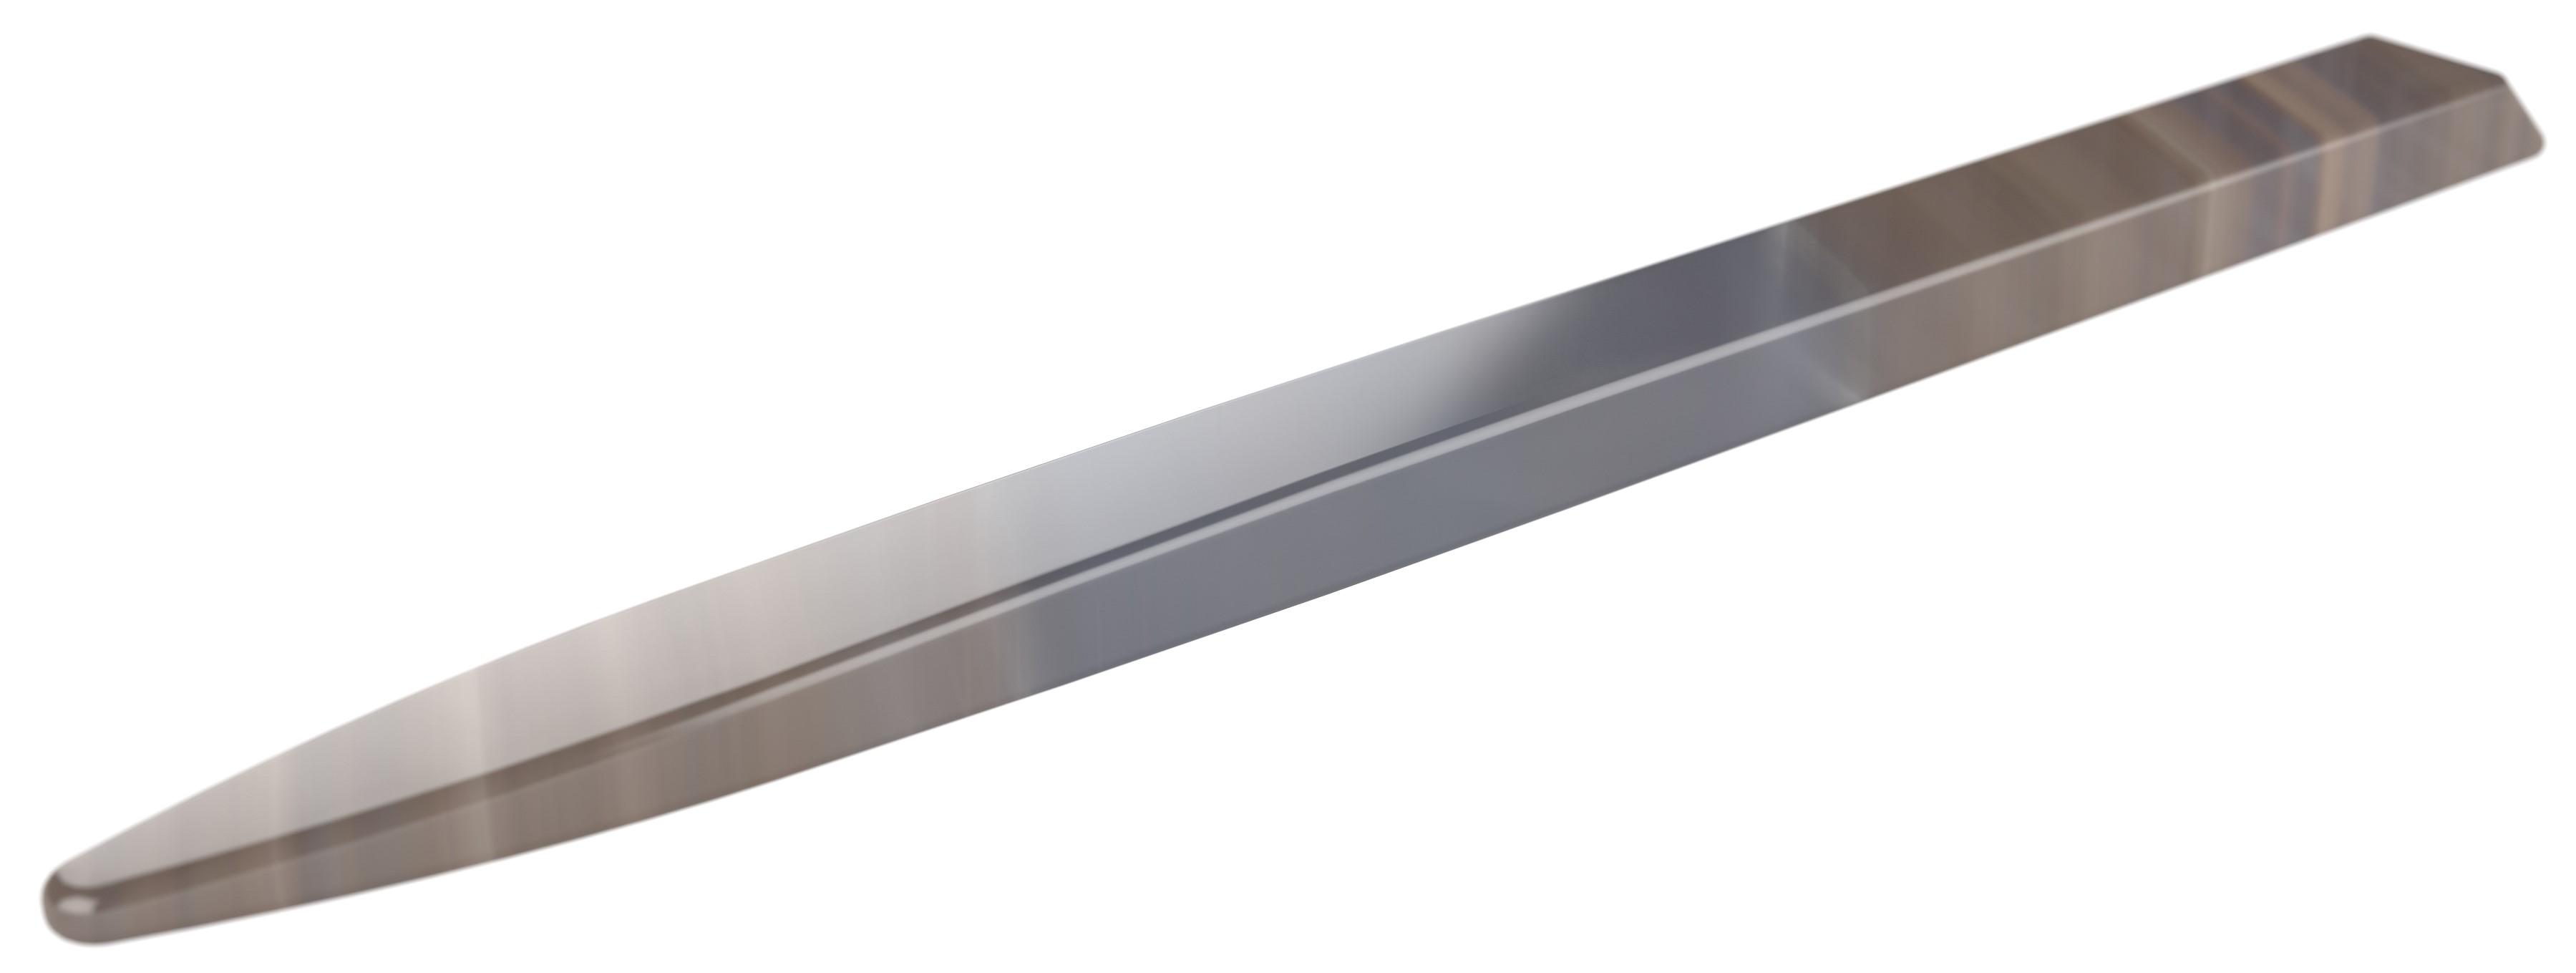 agate spatula